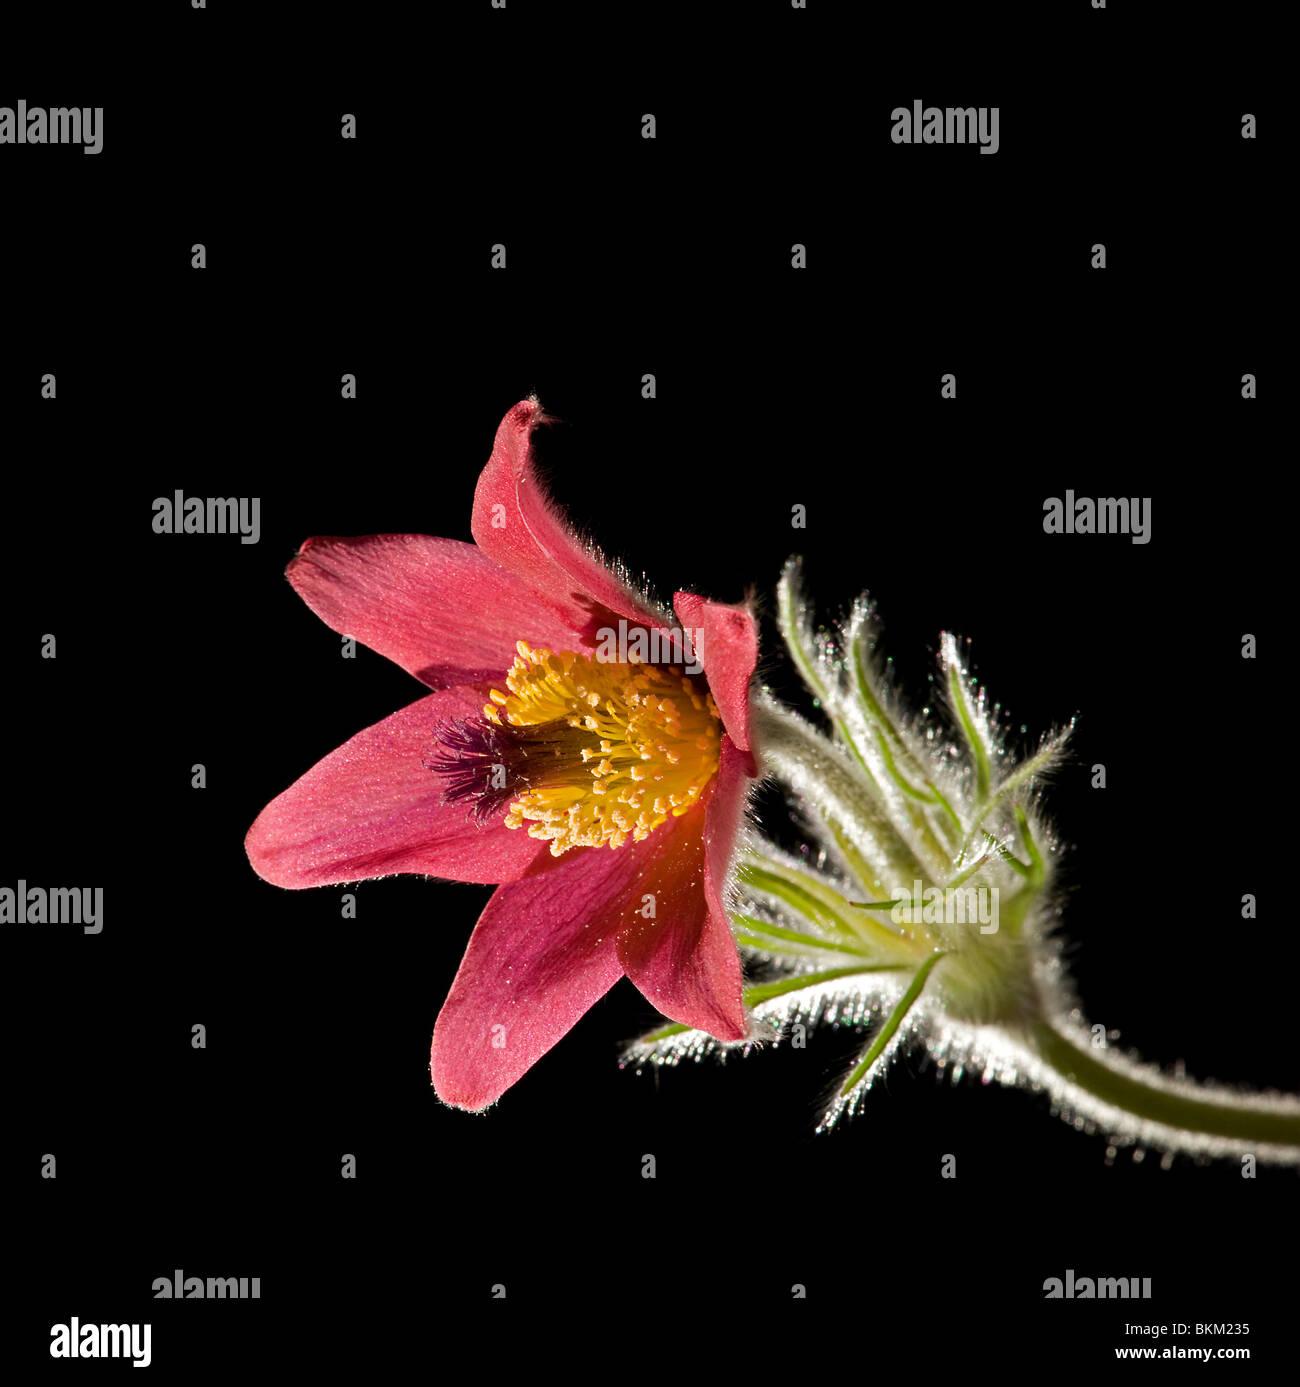 Red pasque flower, Pulsatilla vulgaris rubra - Stock Image